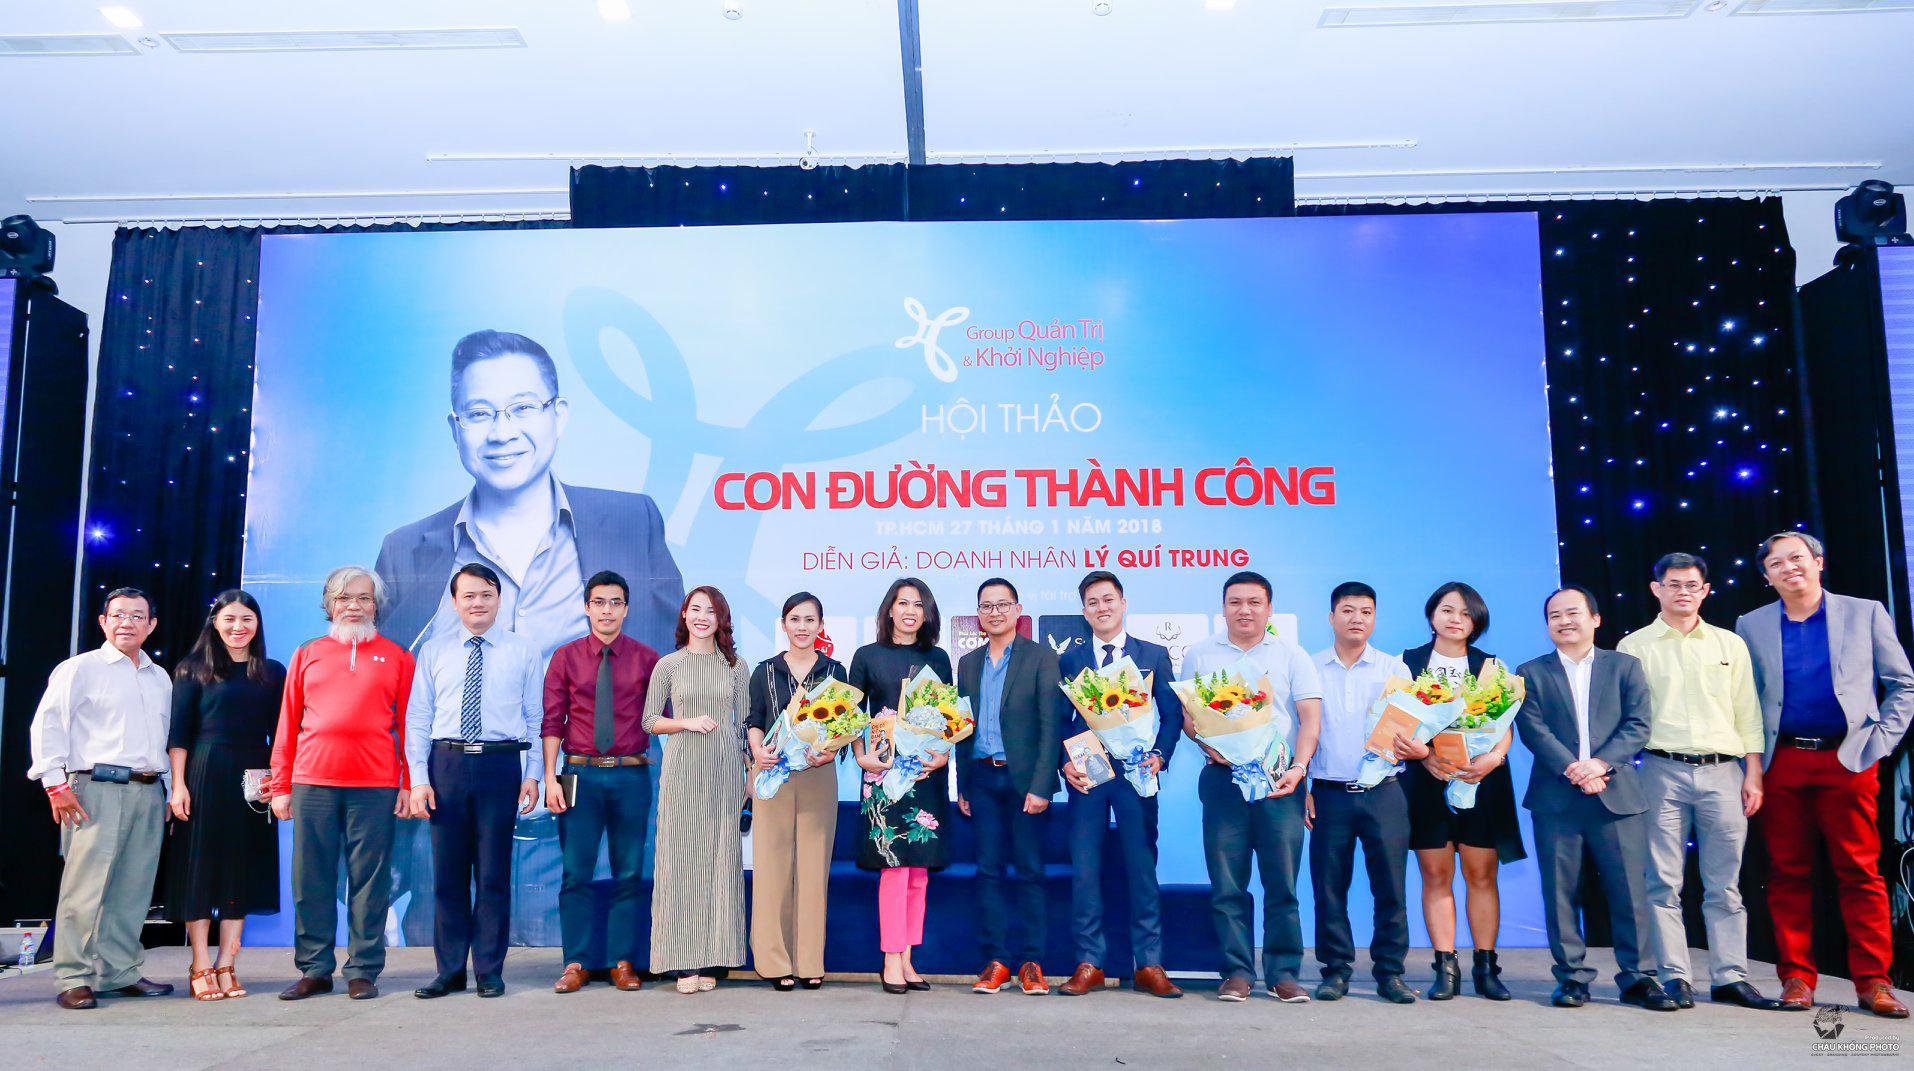 Doanh nhân Lý Quí Trung chụp hình cùng Ban Tổ Chức cùng các doanh nghiệp đồng hành sau buổi hội thảo